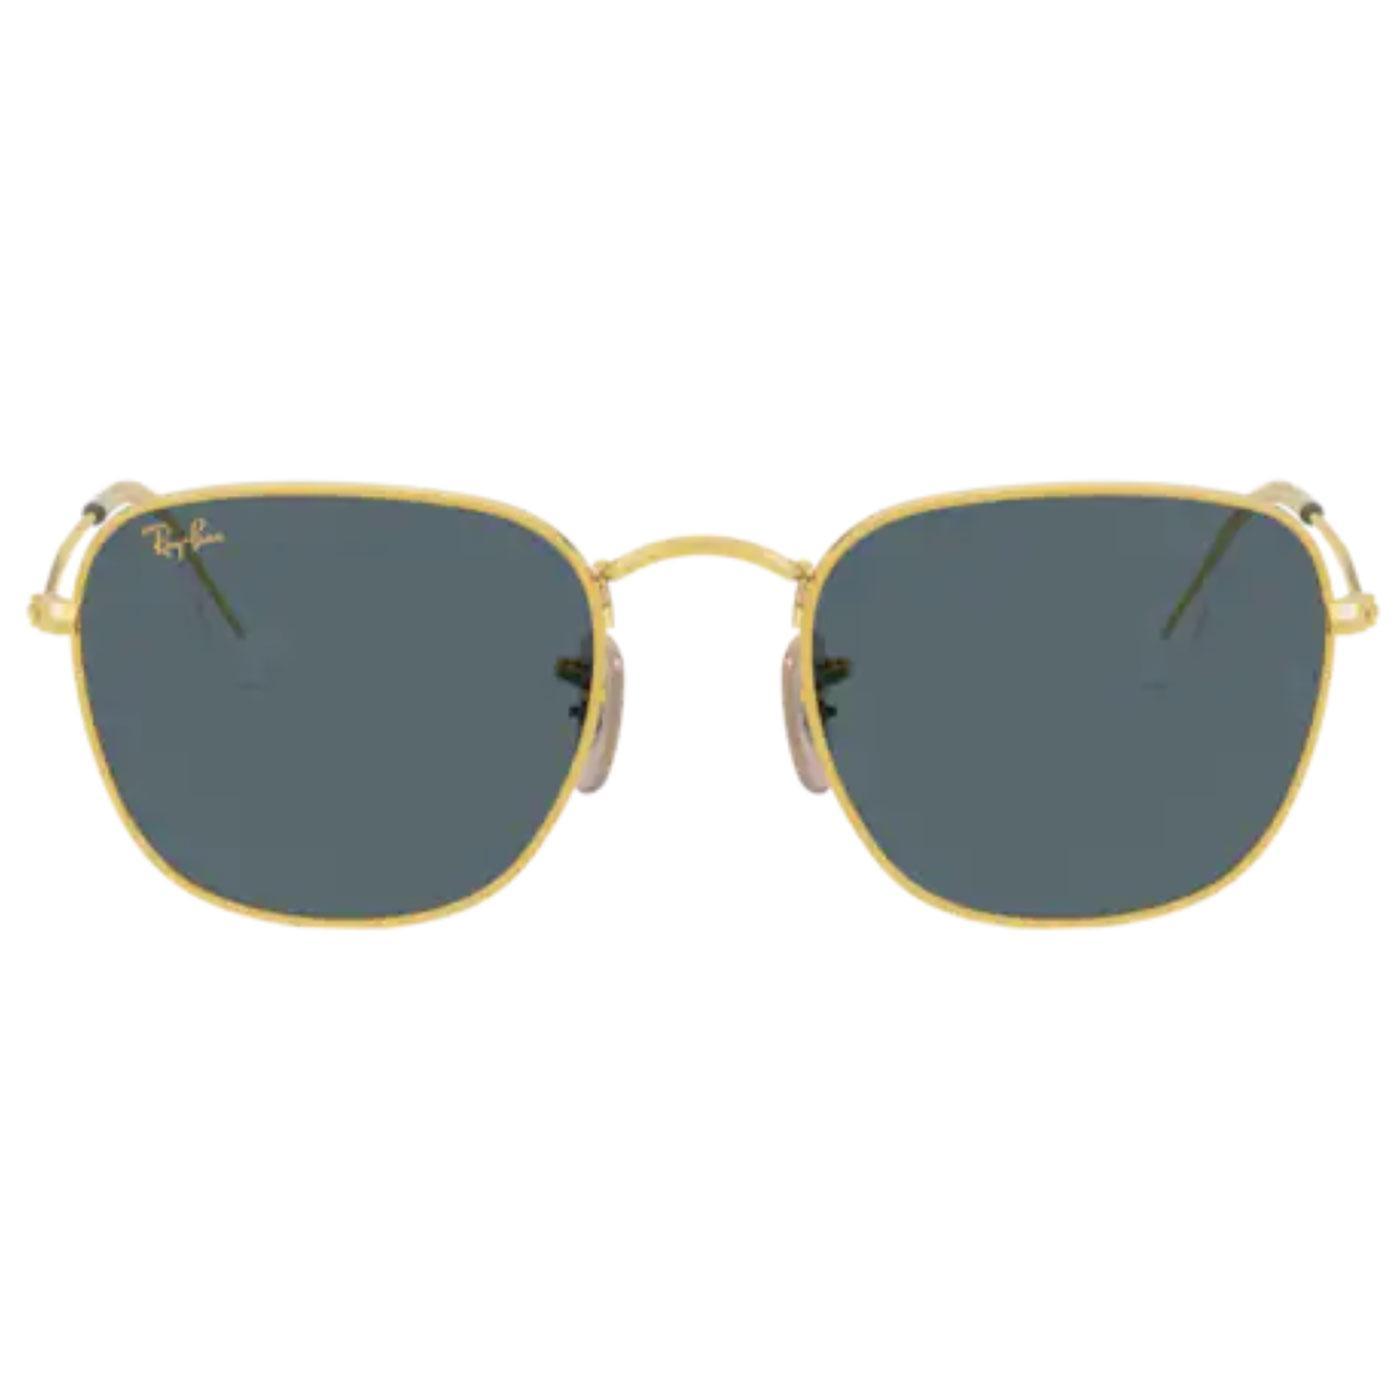 Frank RAY-BAN Men's Retro 90s Square Sunglasses GB